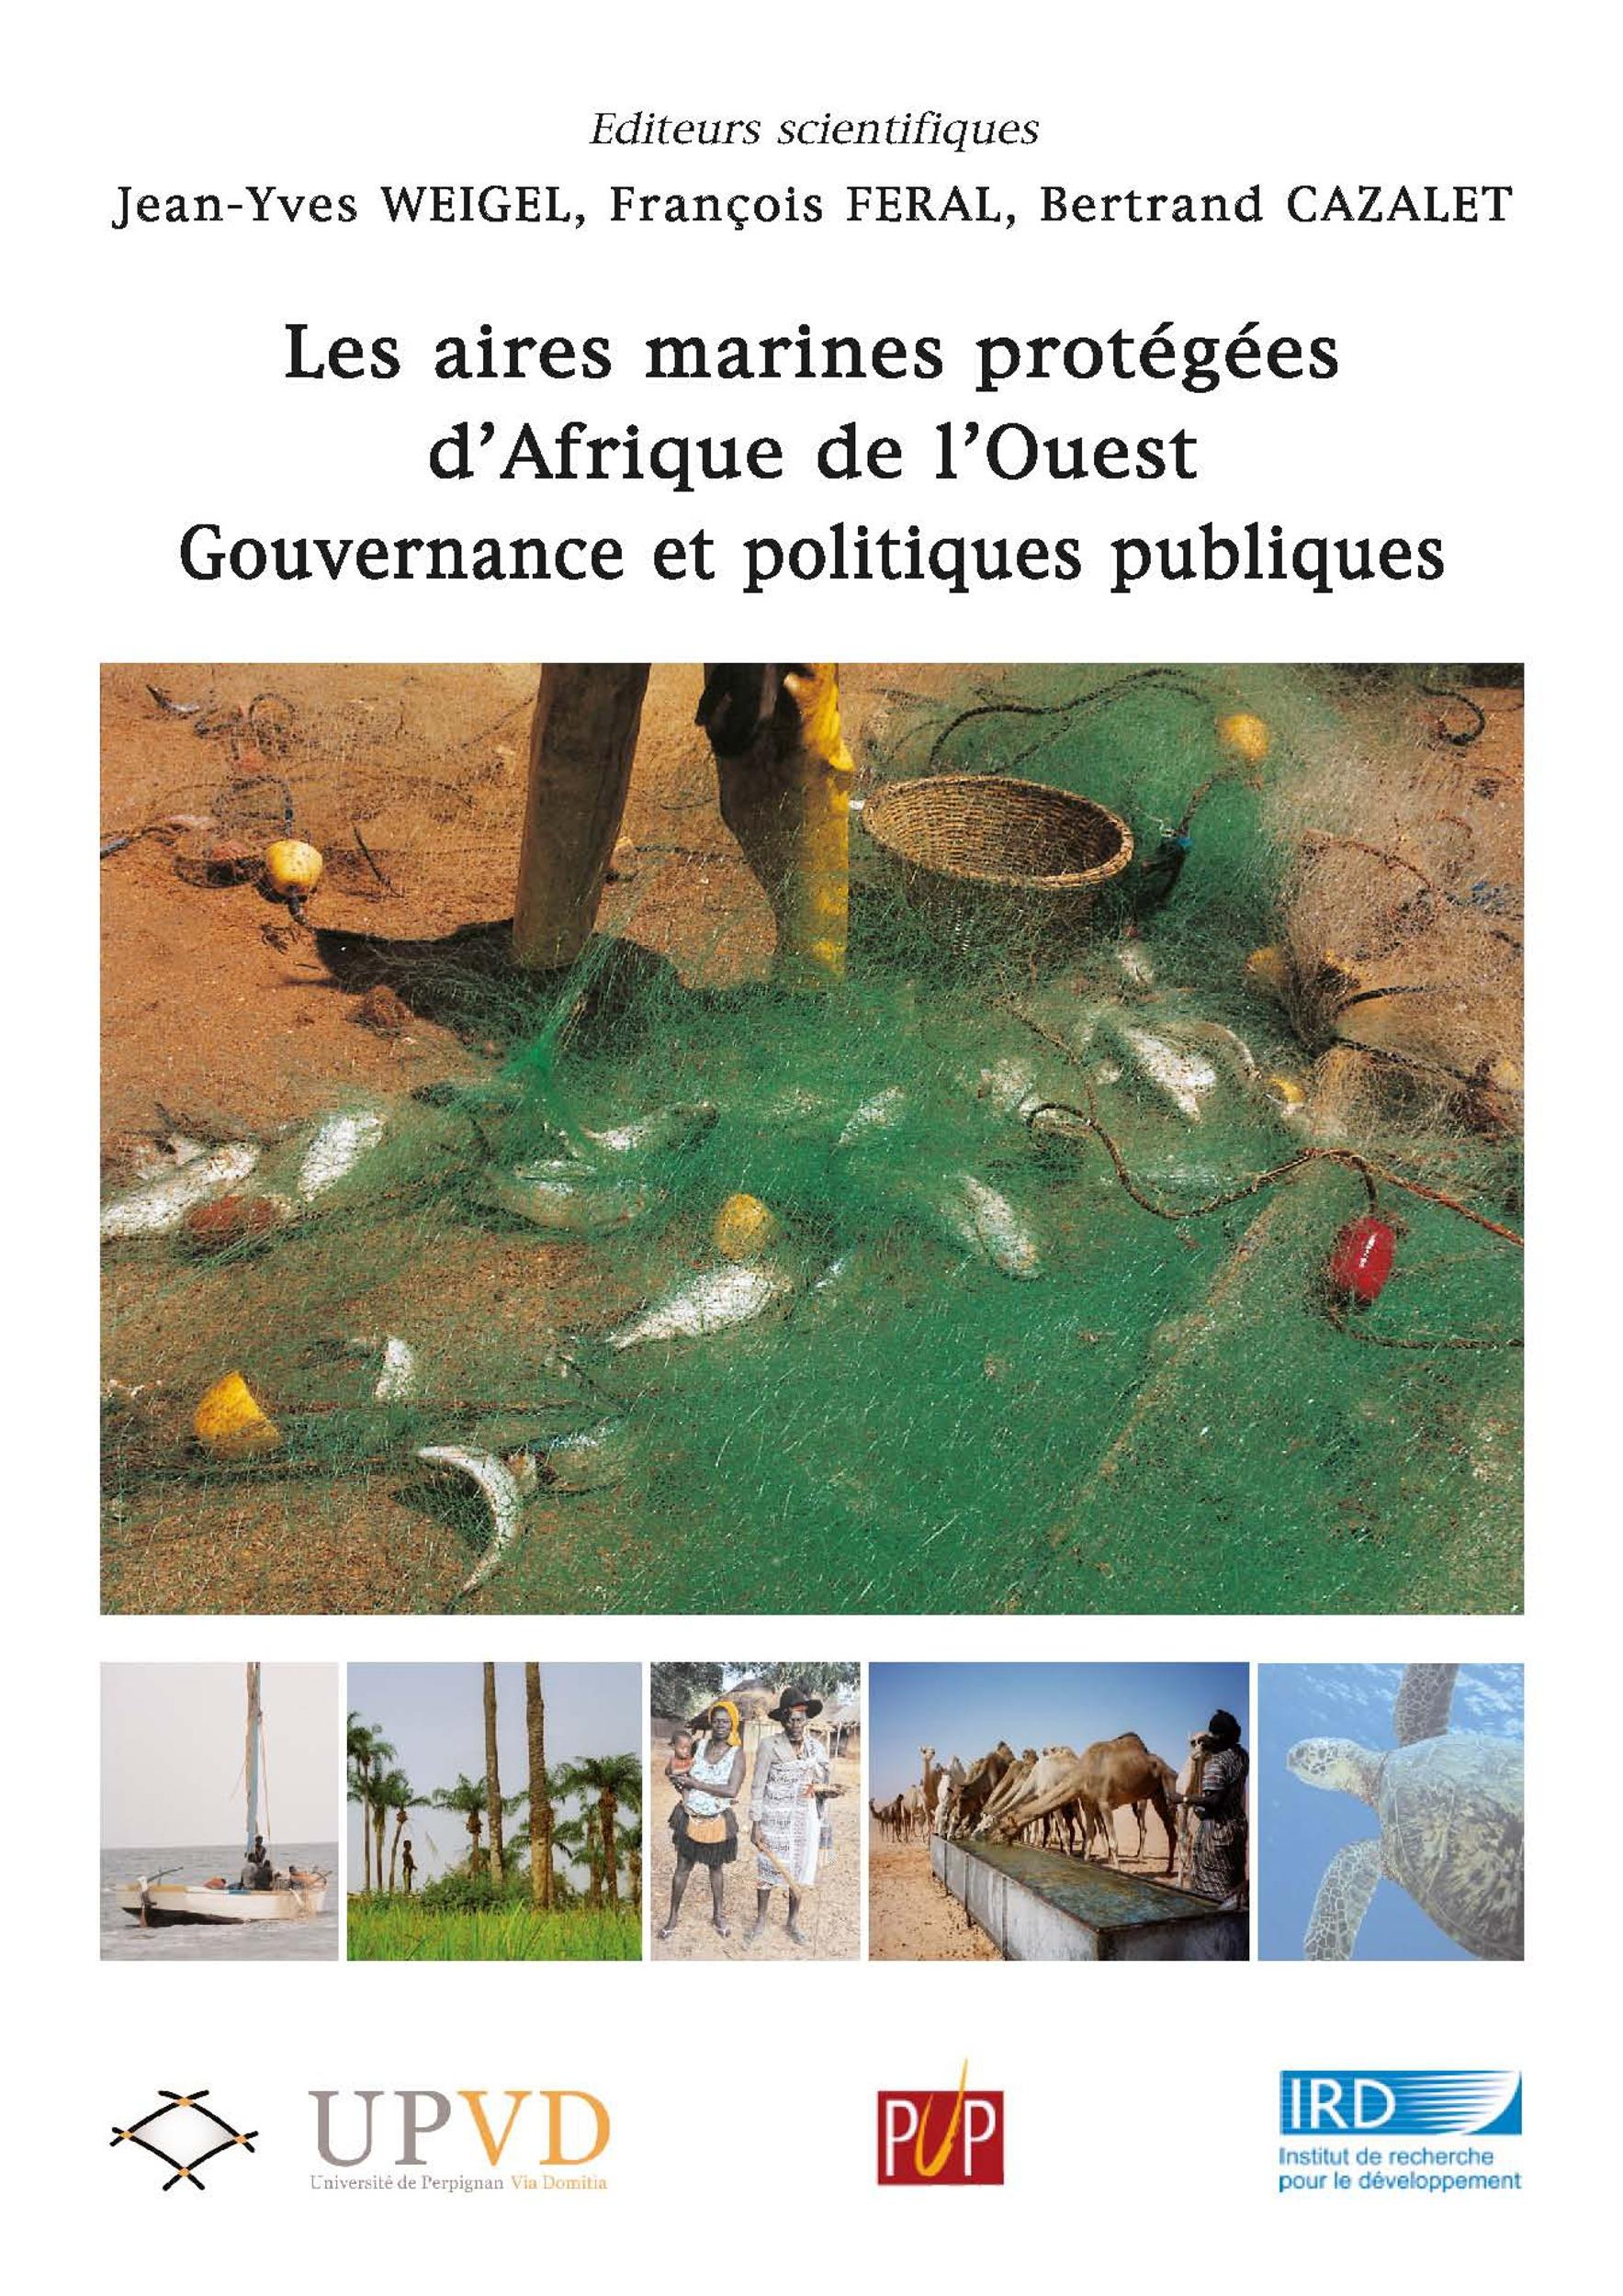 Aires marines protégées d'Afrique de l'Ouest